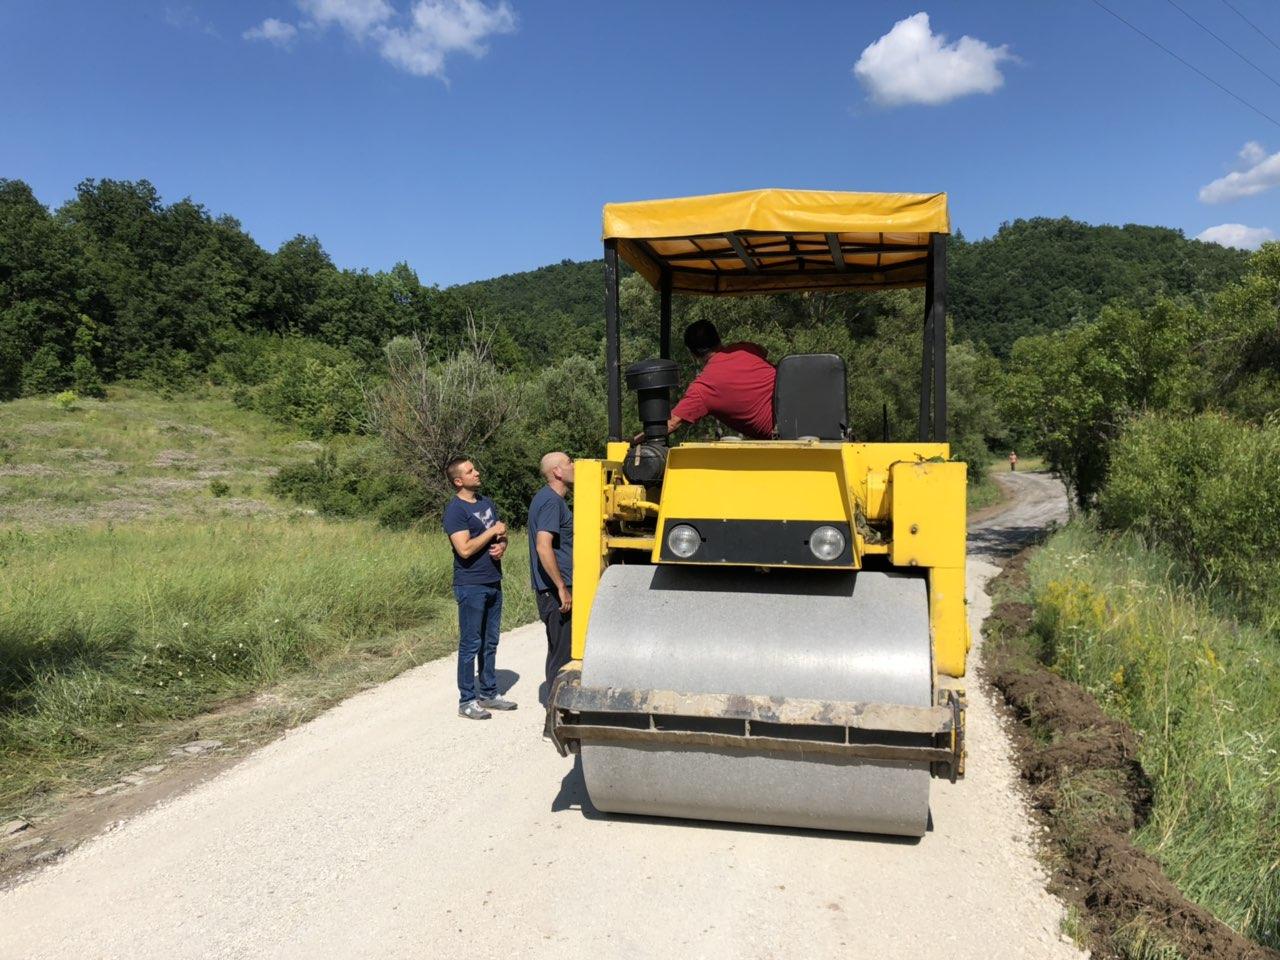 Izgradnja puta kroz selo Izvor reka